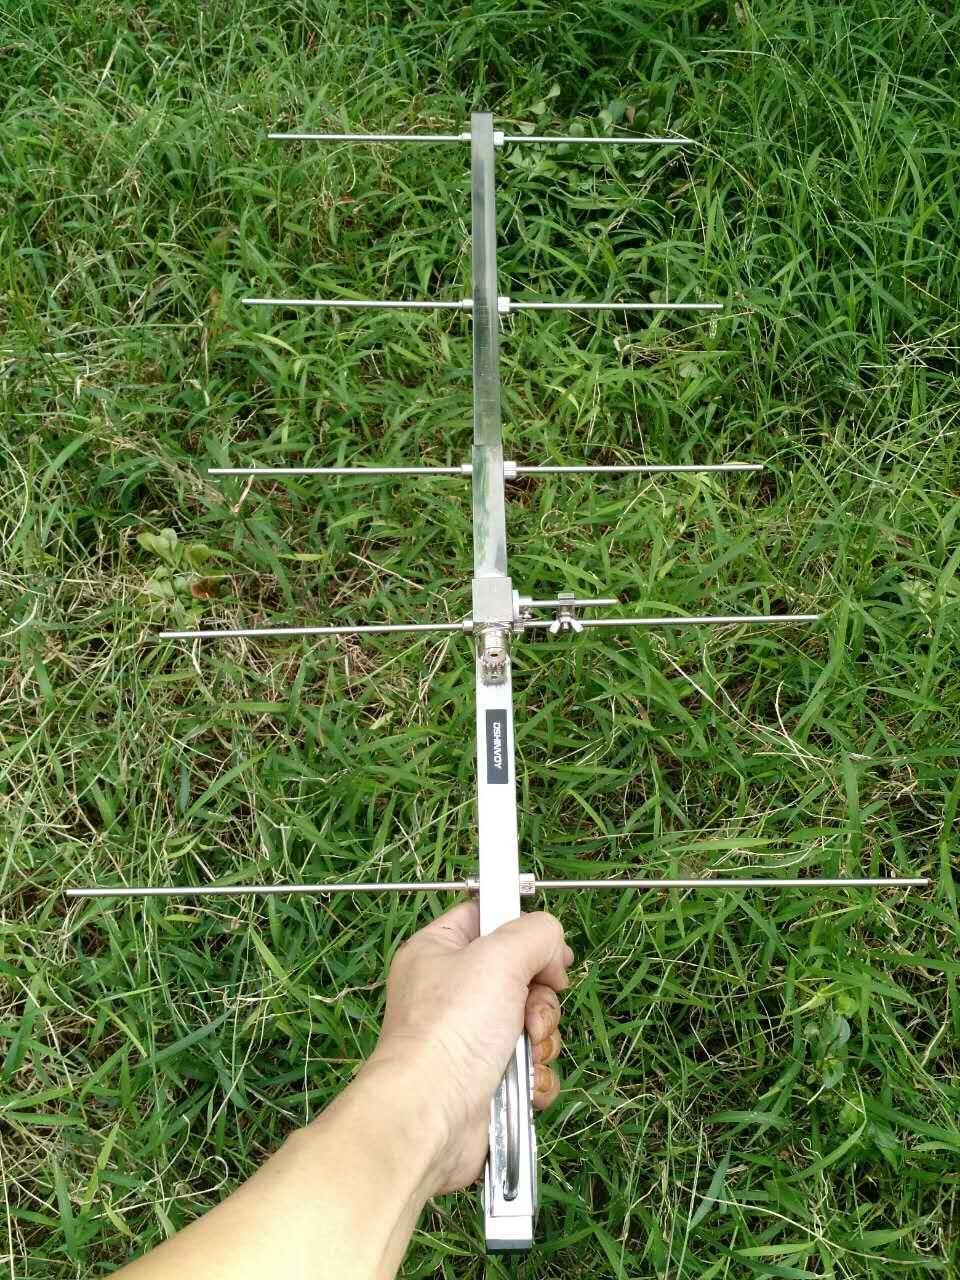 HAM 435M yagi antenna 5elem yagi 433MHz 440mhz amatőr UHF ismétlő bázisállomás yagi antenna